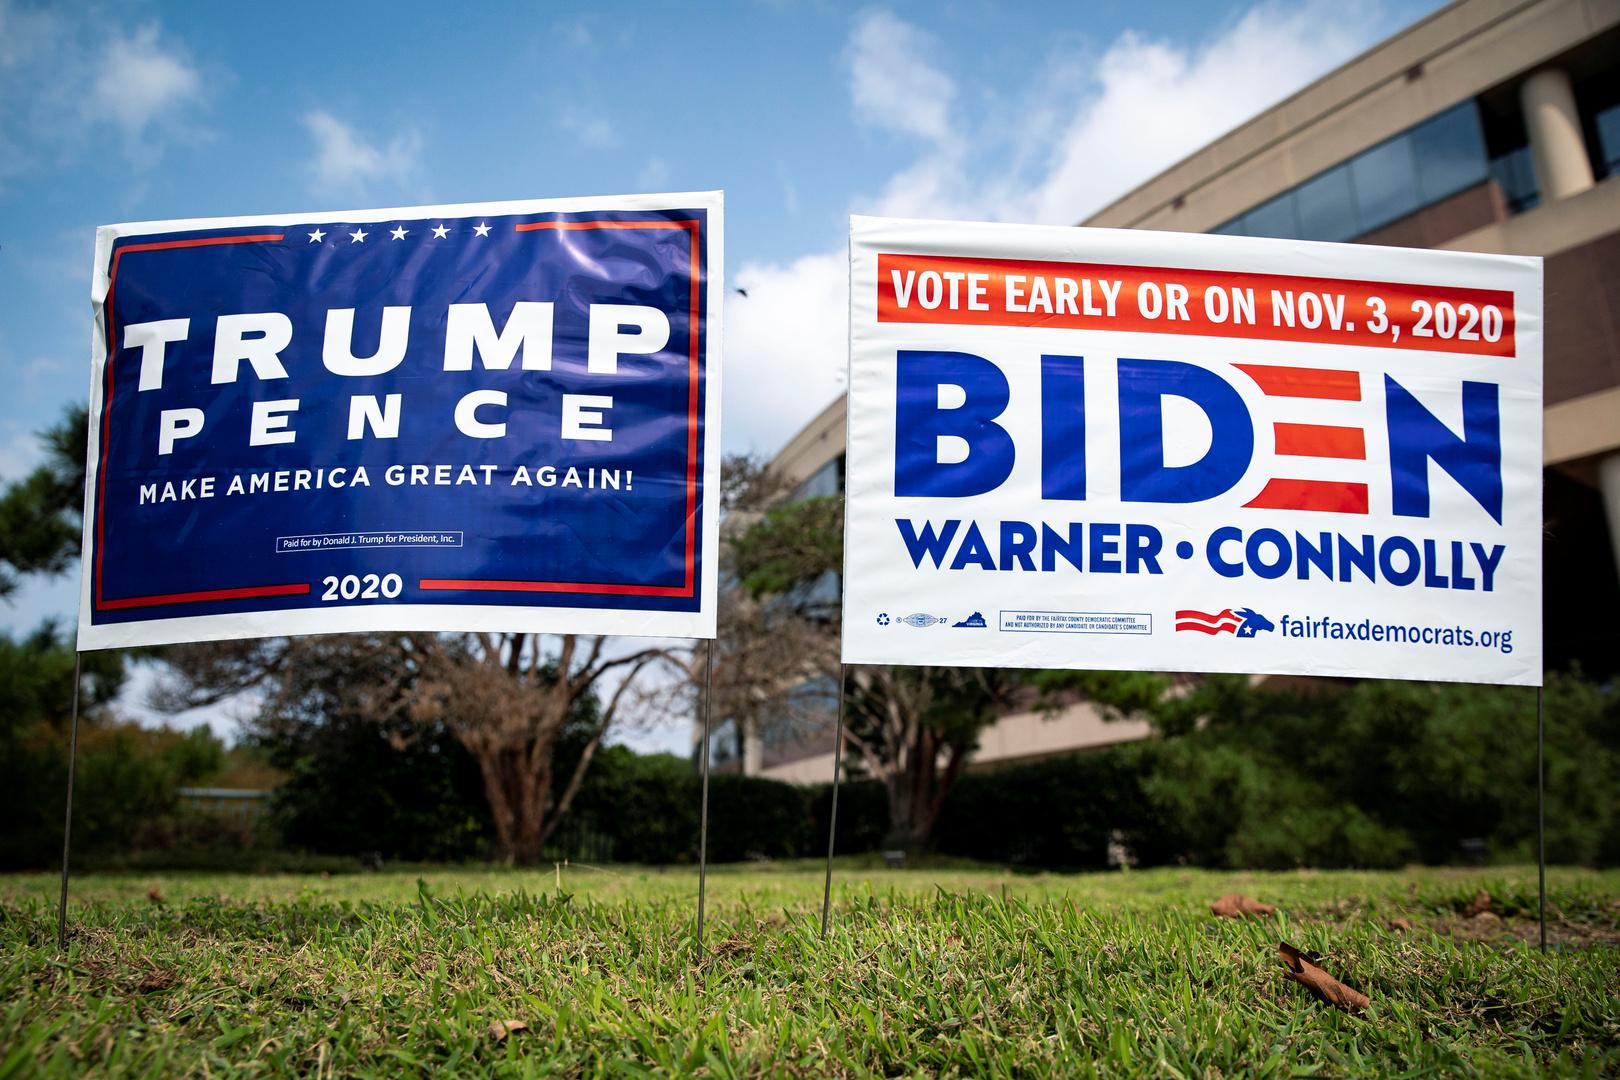 حملتا ترامب وبايدن تعلنان عن حجم التبرعات لديهما